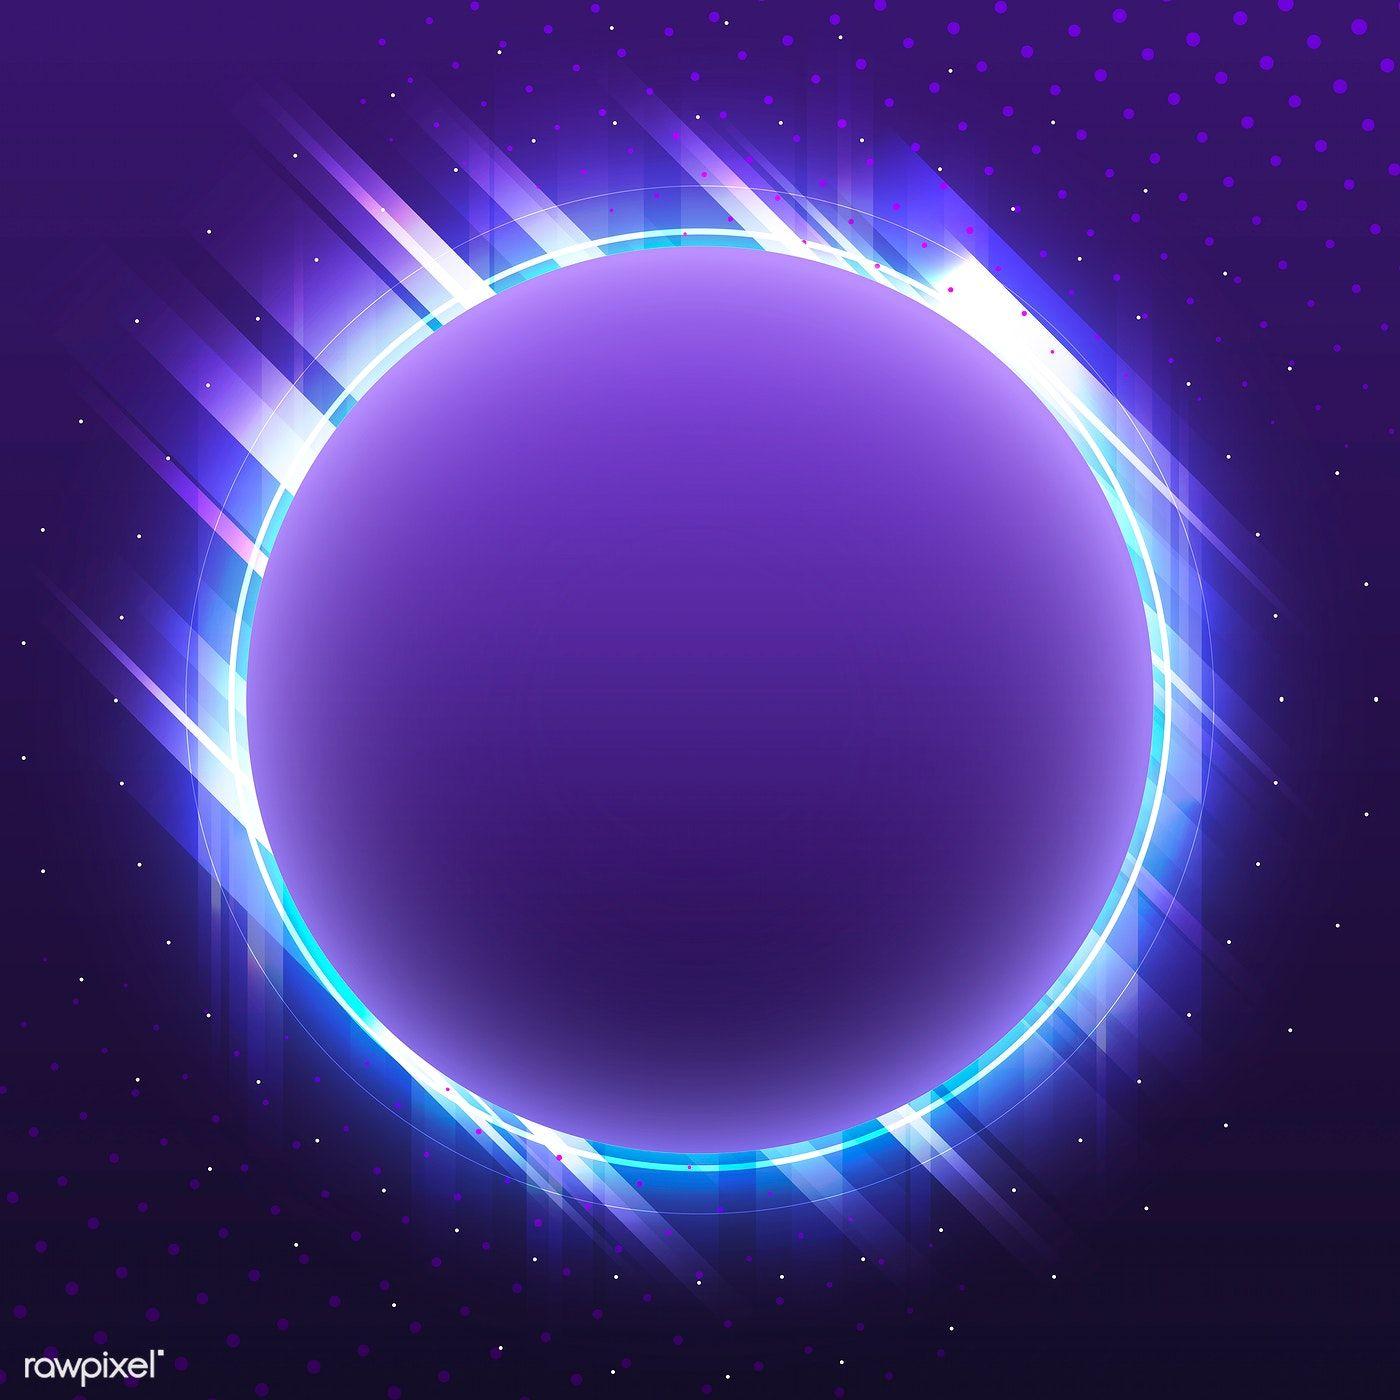 Blank Violet Circle Neon Signboard Vector Free Image By Rawpixel Com Kappy Kappy Iluminacao De Neon Efeitos De Fotos Tumblr Ideias Para Logotipos